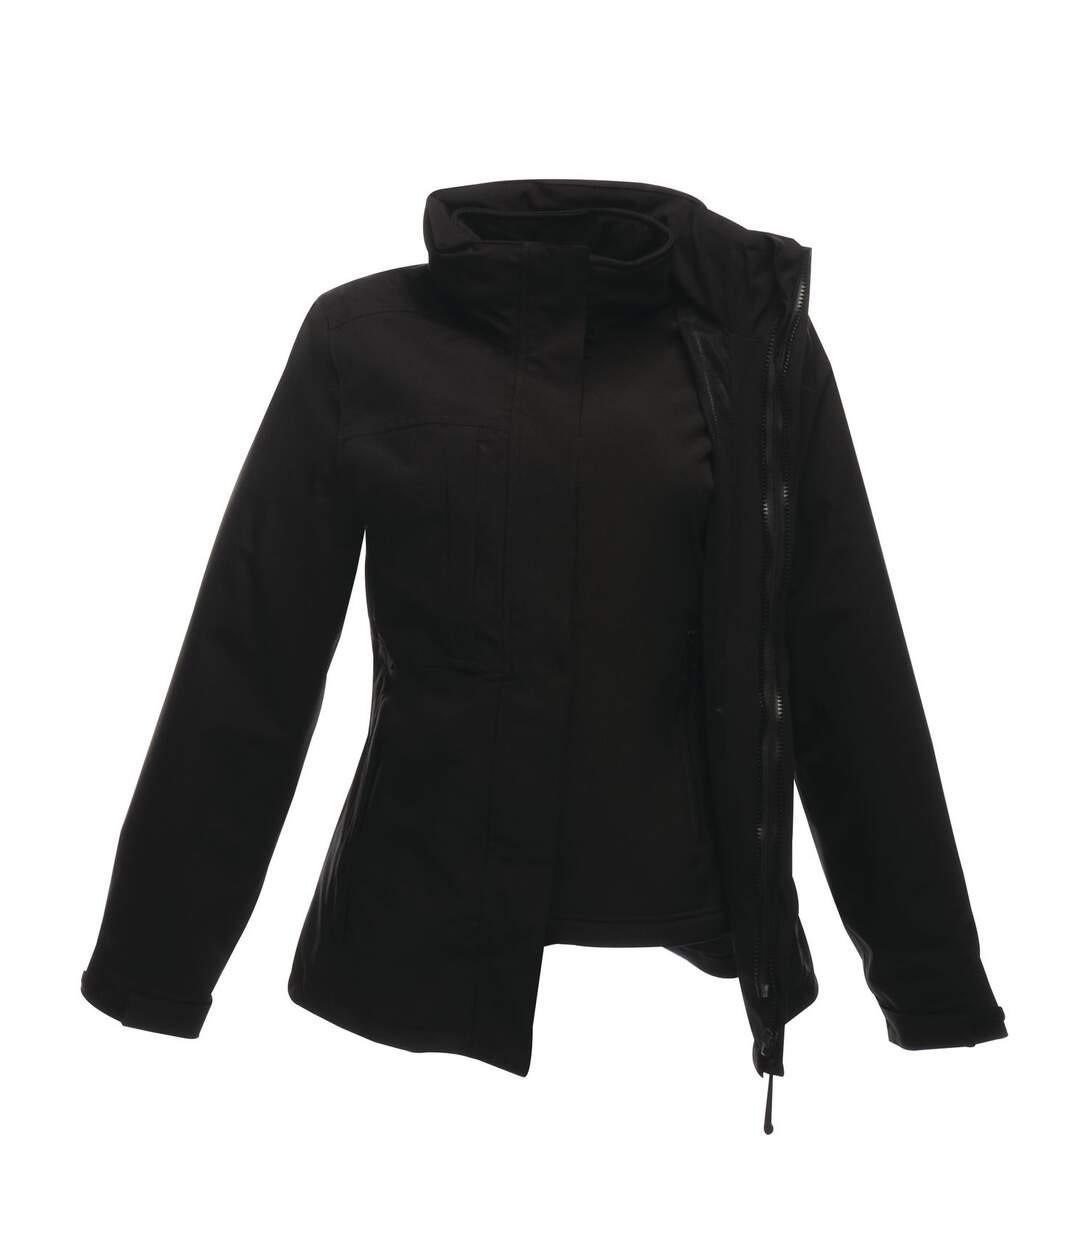 Regatta Professional Mens Kingsley 3-in-1 Waterproof Jacket (Black) - UTRG2174